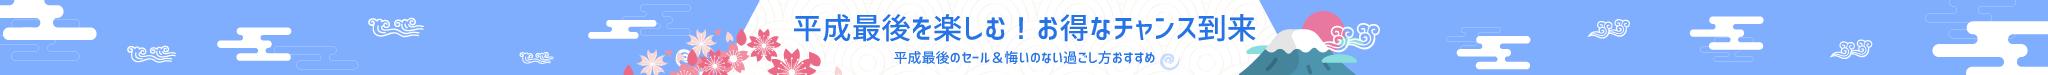 平成新春セール